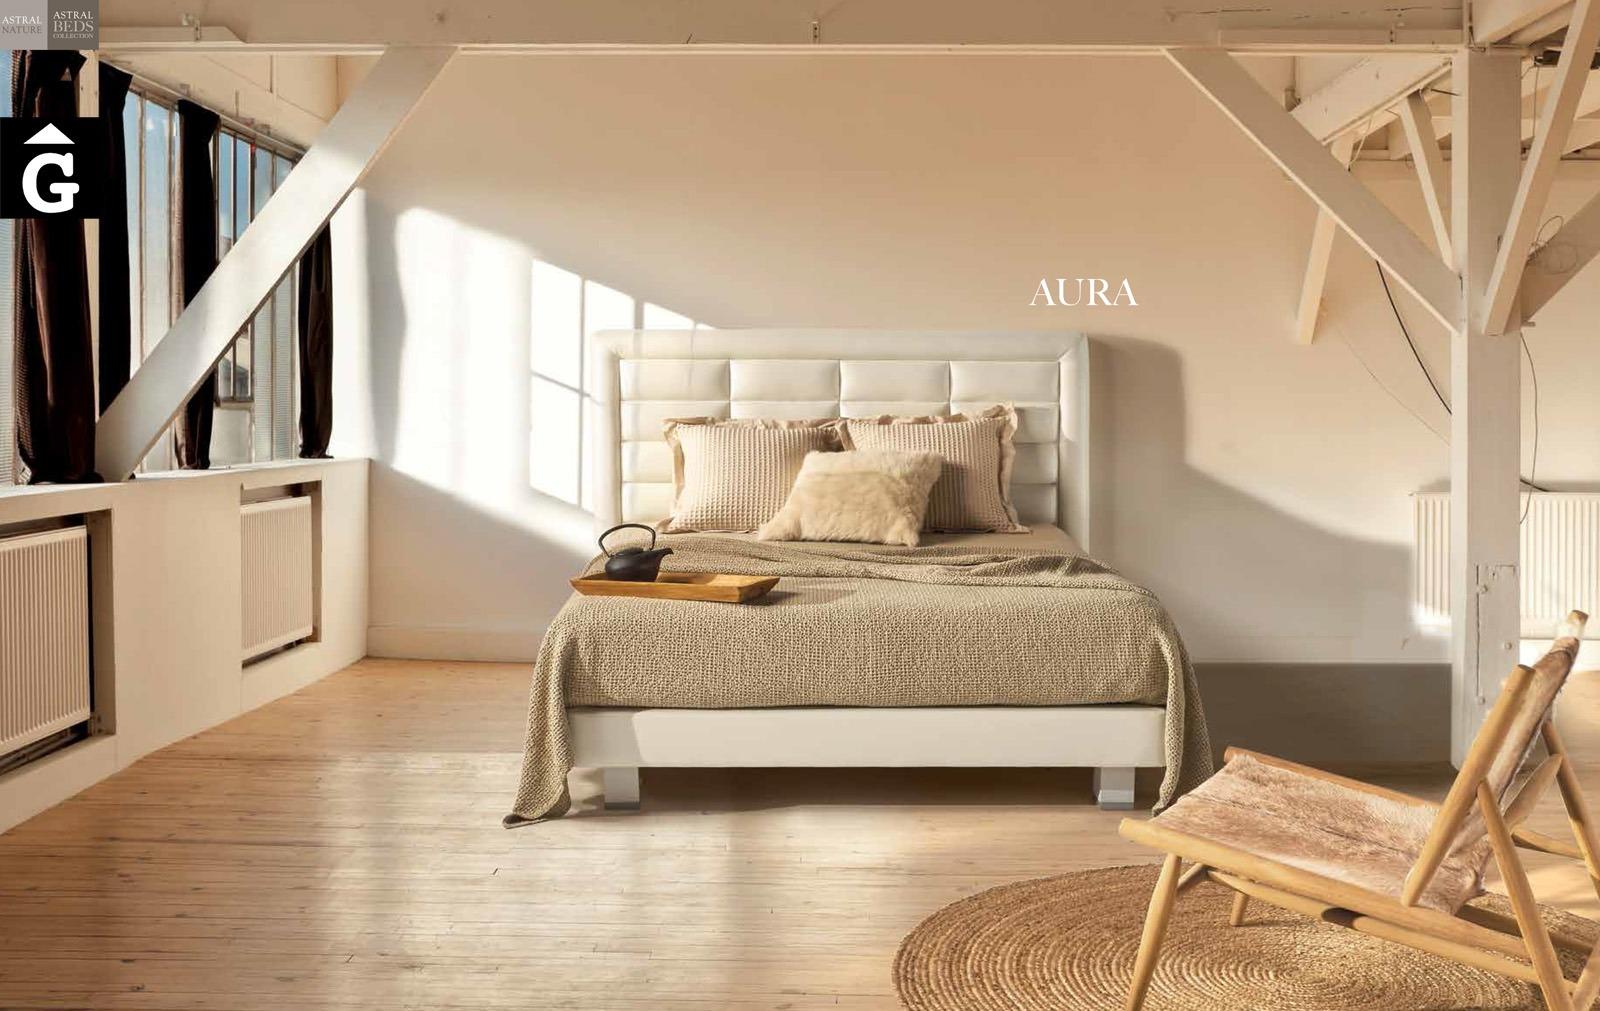 Aura llit entapissat Beds Astral Nature descans qualitat natural i salut junts per mobles Gifreu